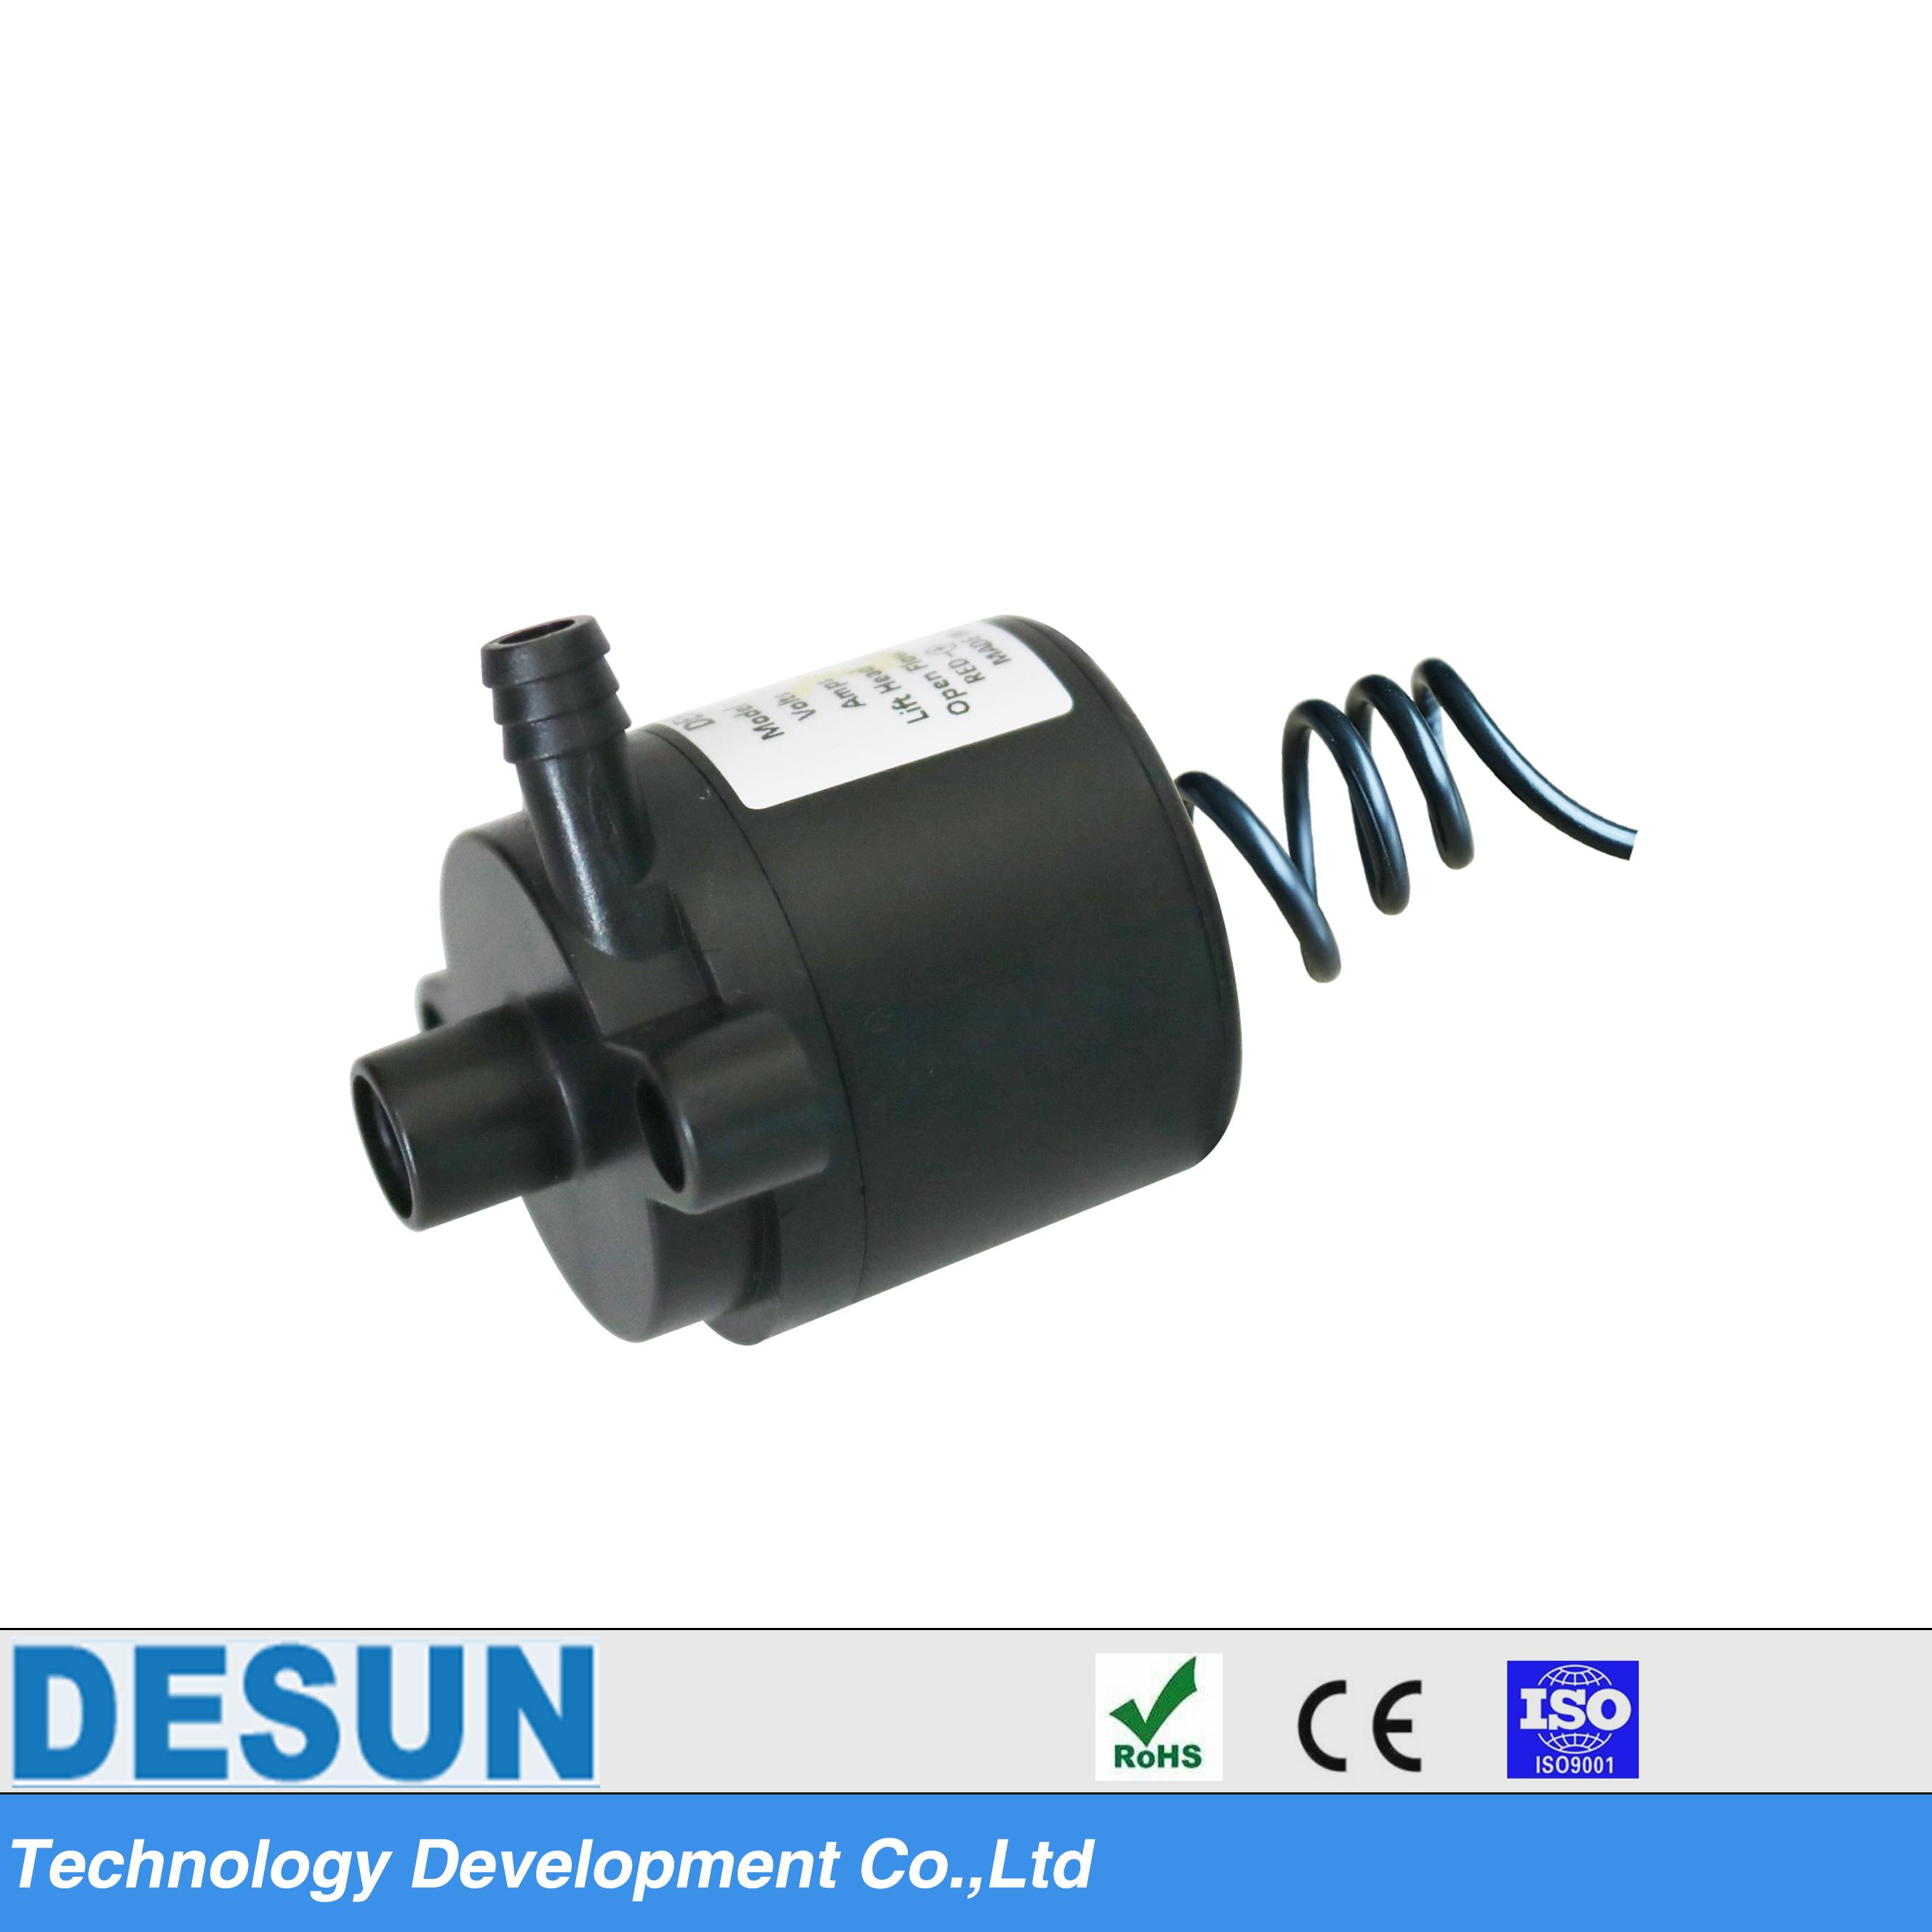 微型無刷直流水泵DS3303